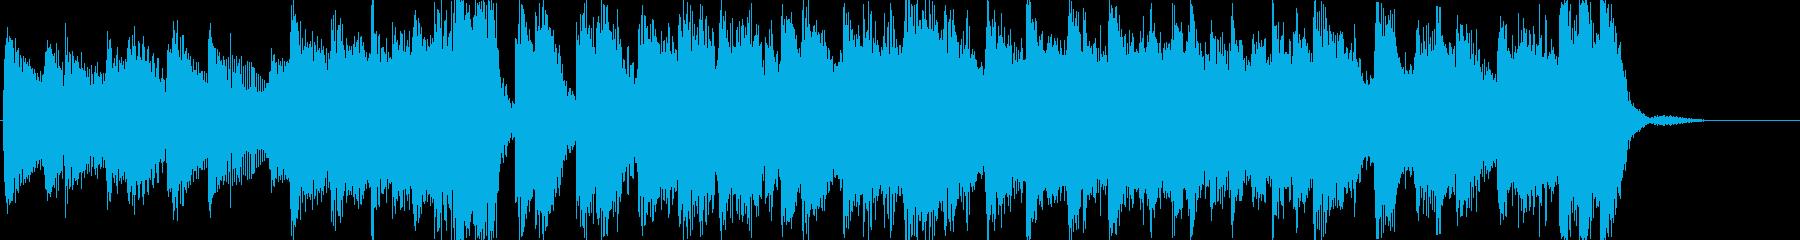 ピアノロックで明るい元気のある曲の再生済みの波形